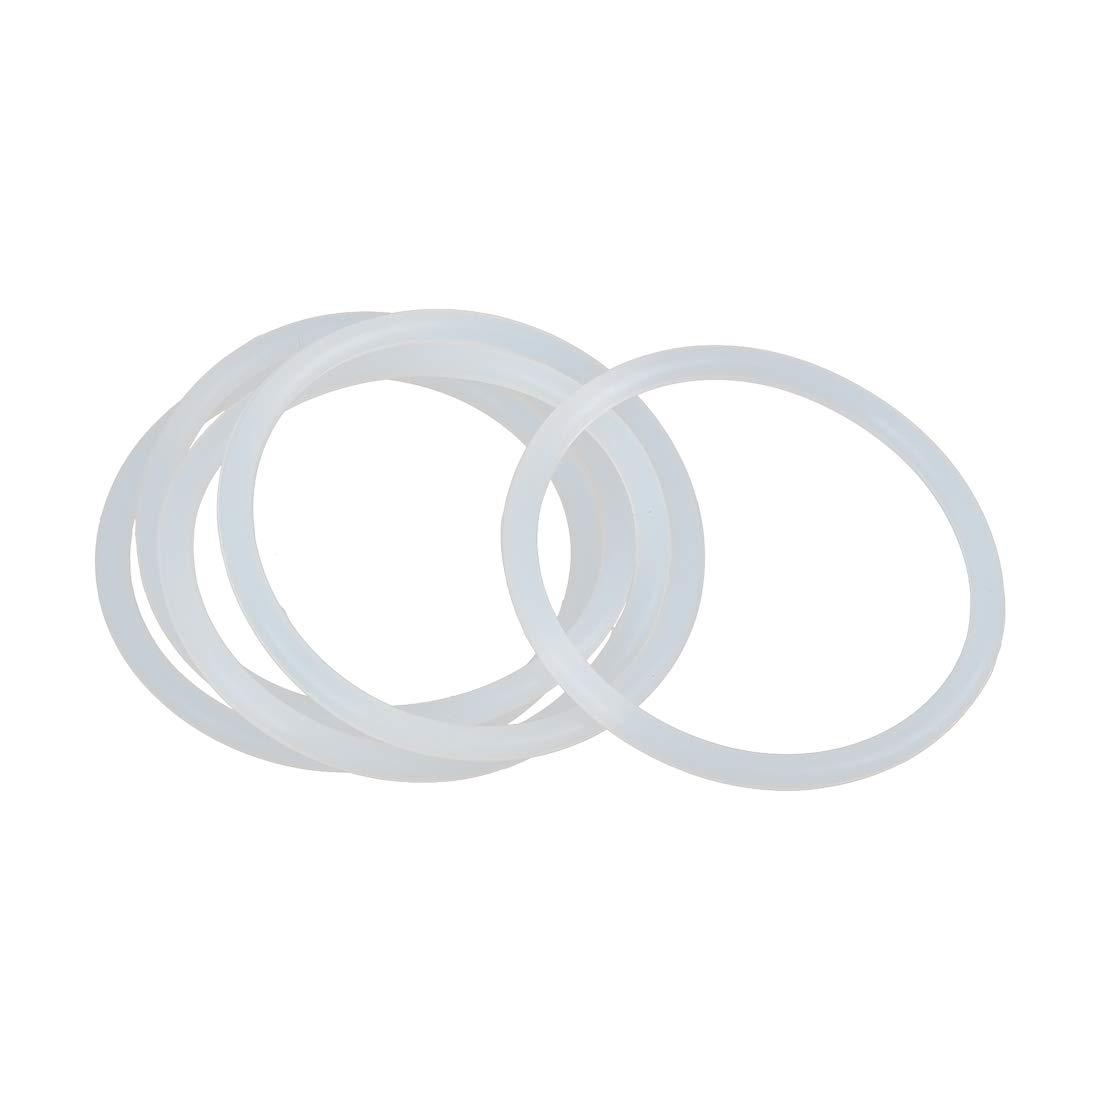 X AUTOHAUX 5pcs Blanc Silicone Caoutchouc Joint Torique Joint /étanch/éit/é pour Voiture 60mm x 4mm